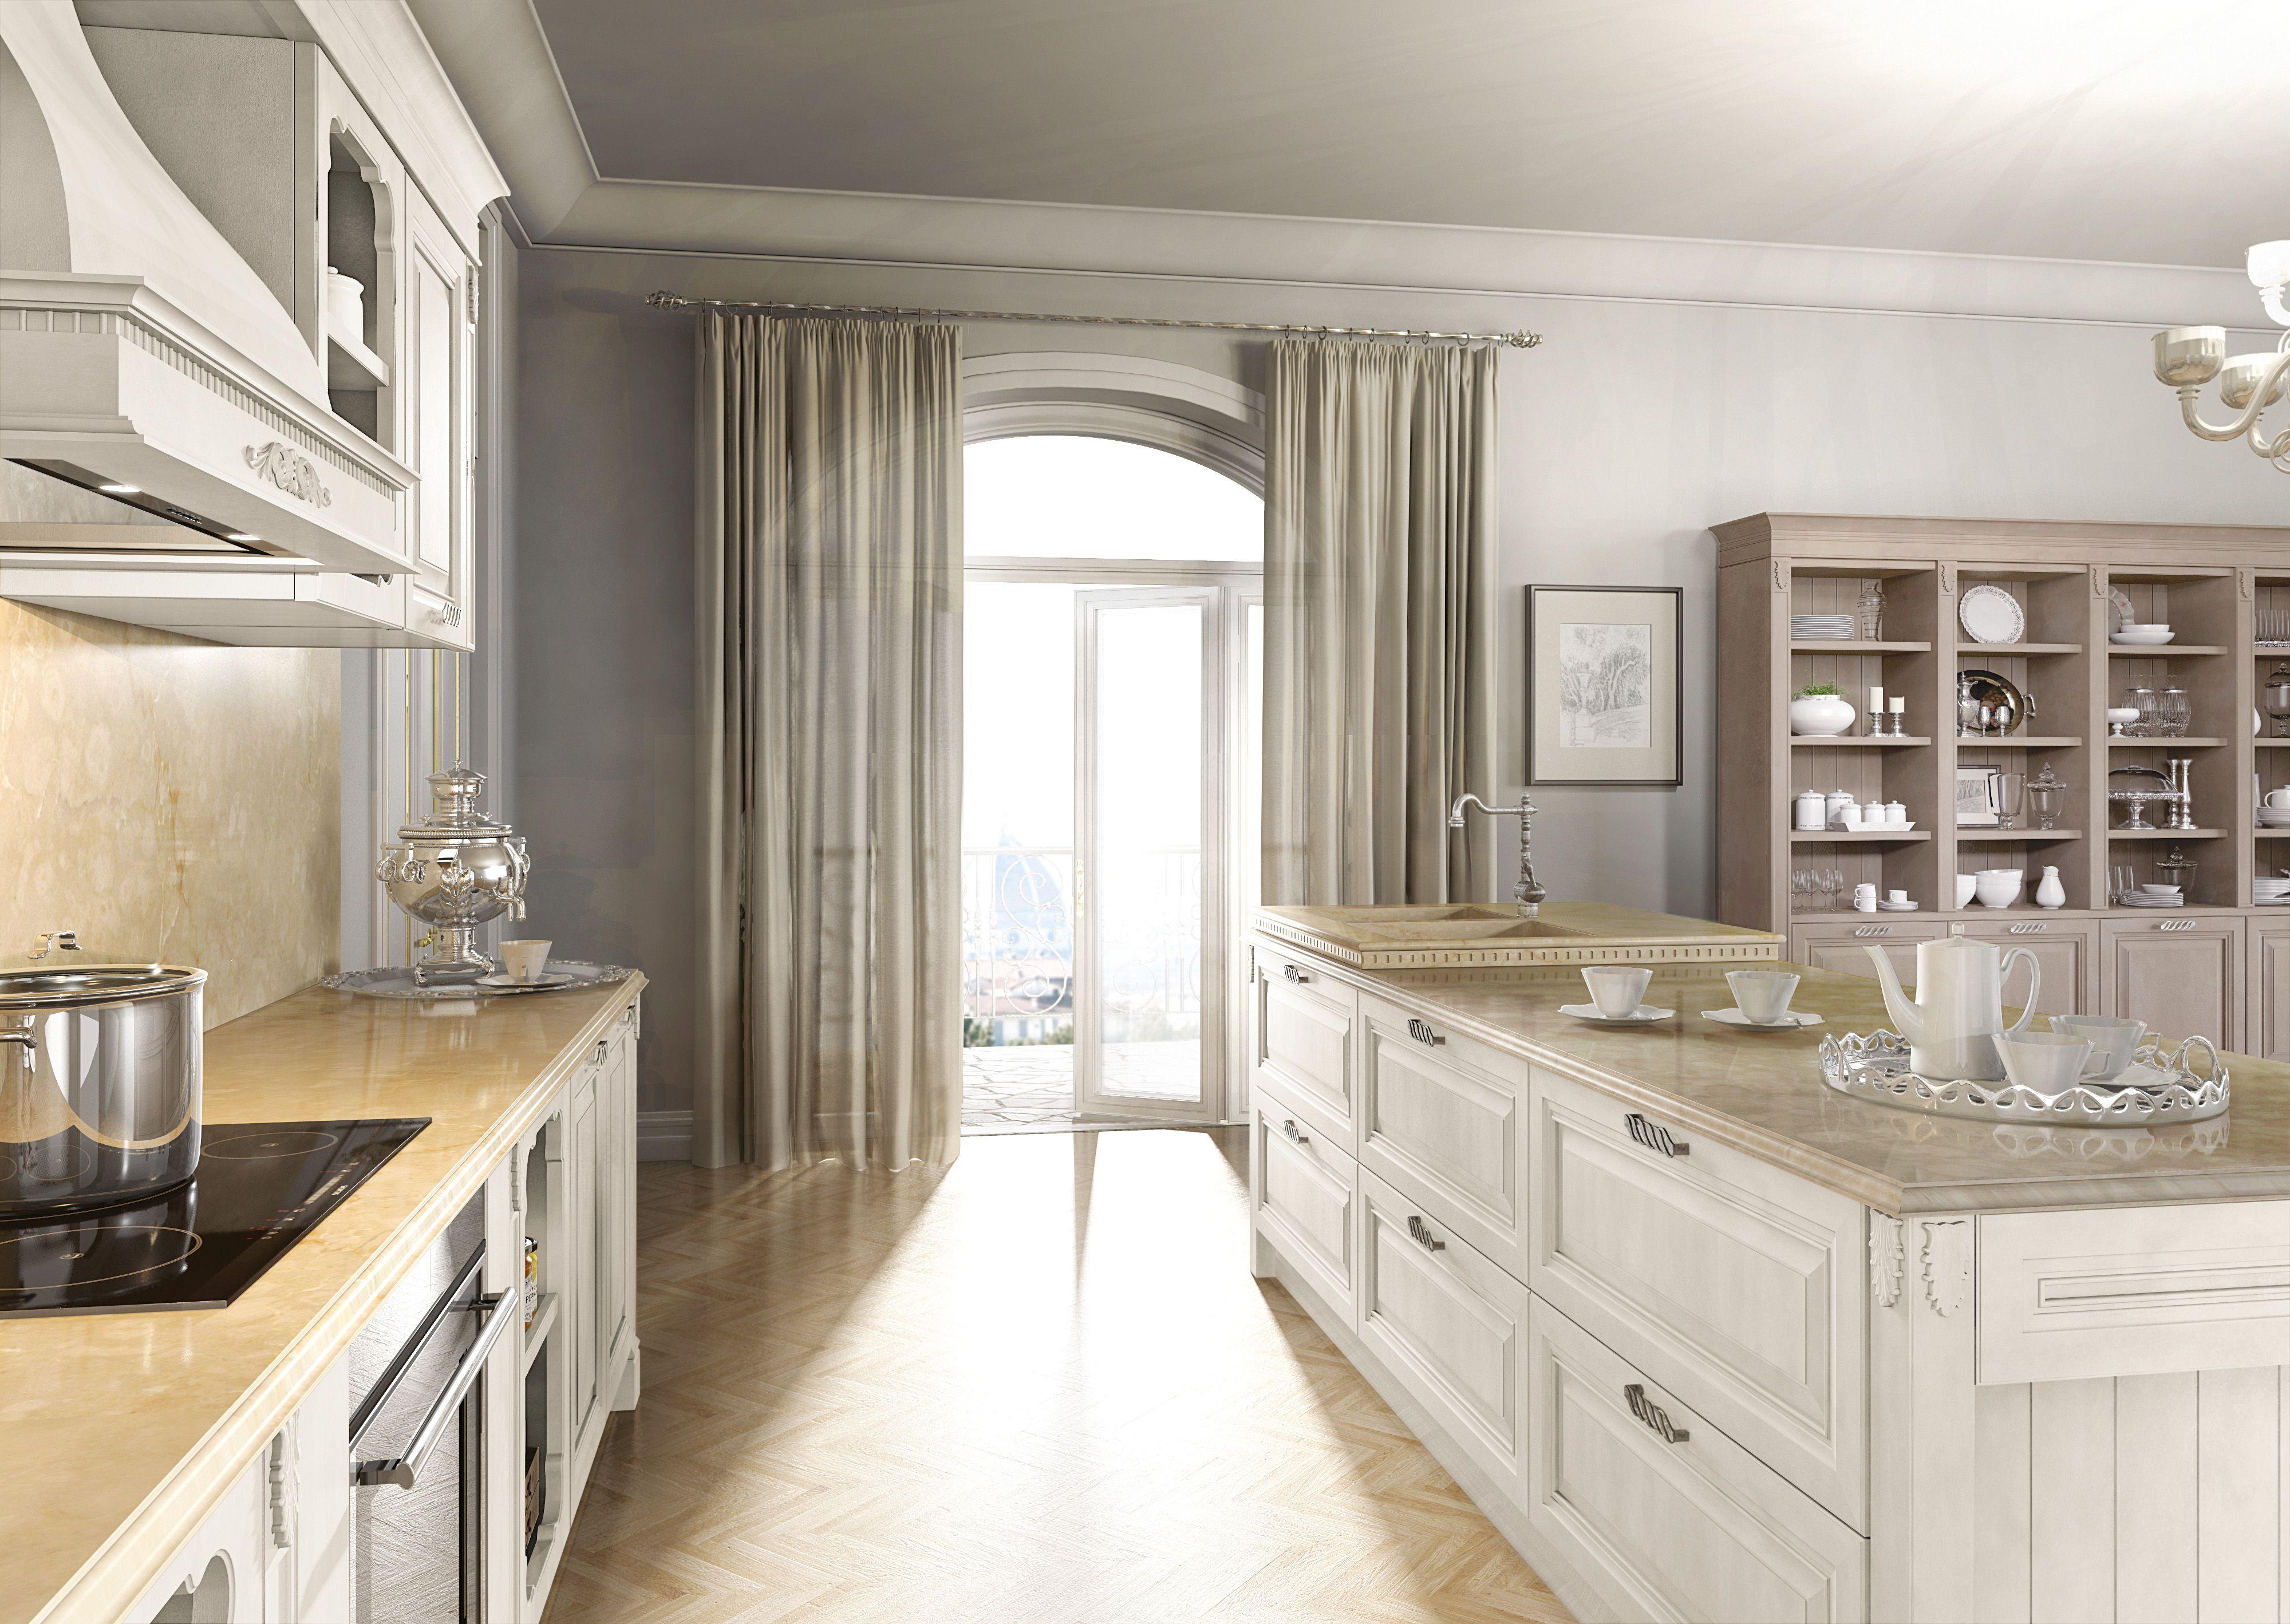 Berloni Cucina Florence | dream kitchen | Pinterest | Cucina e Cucine